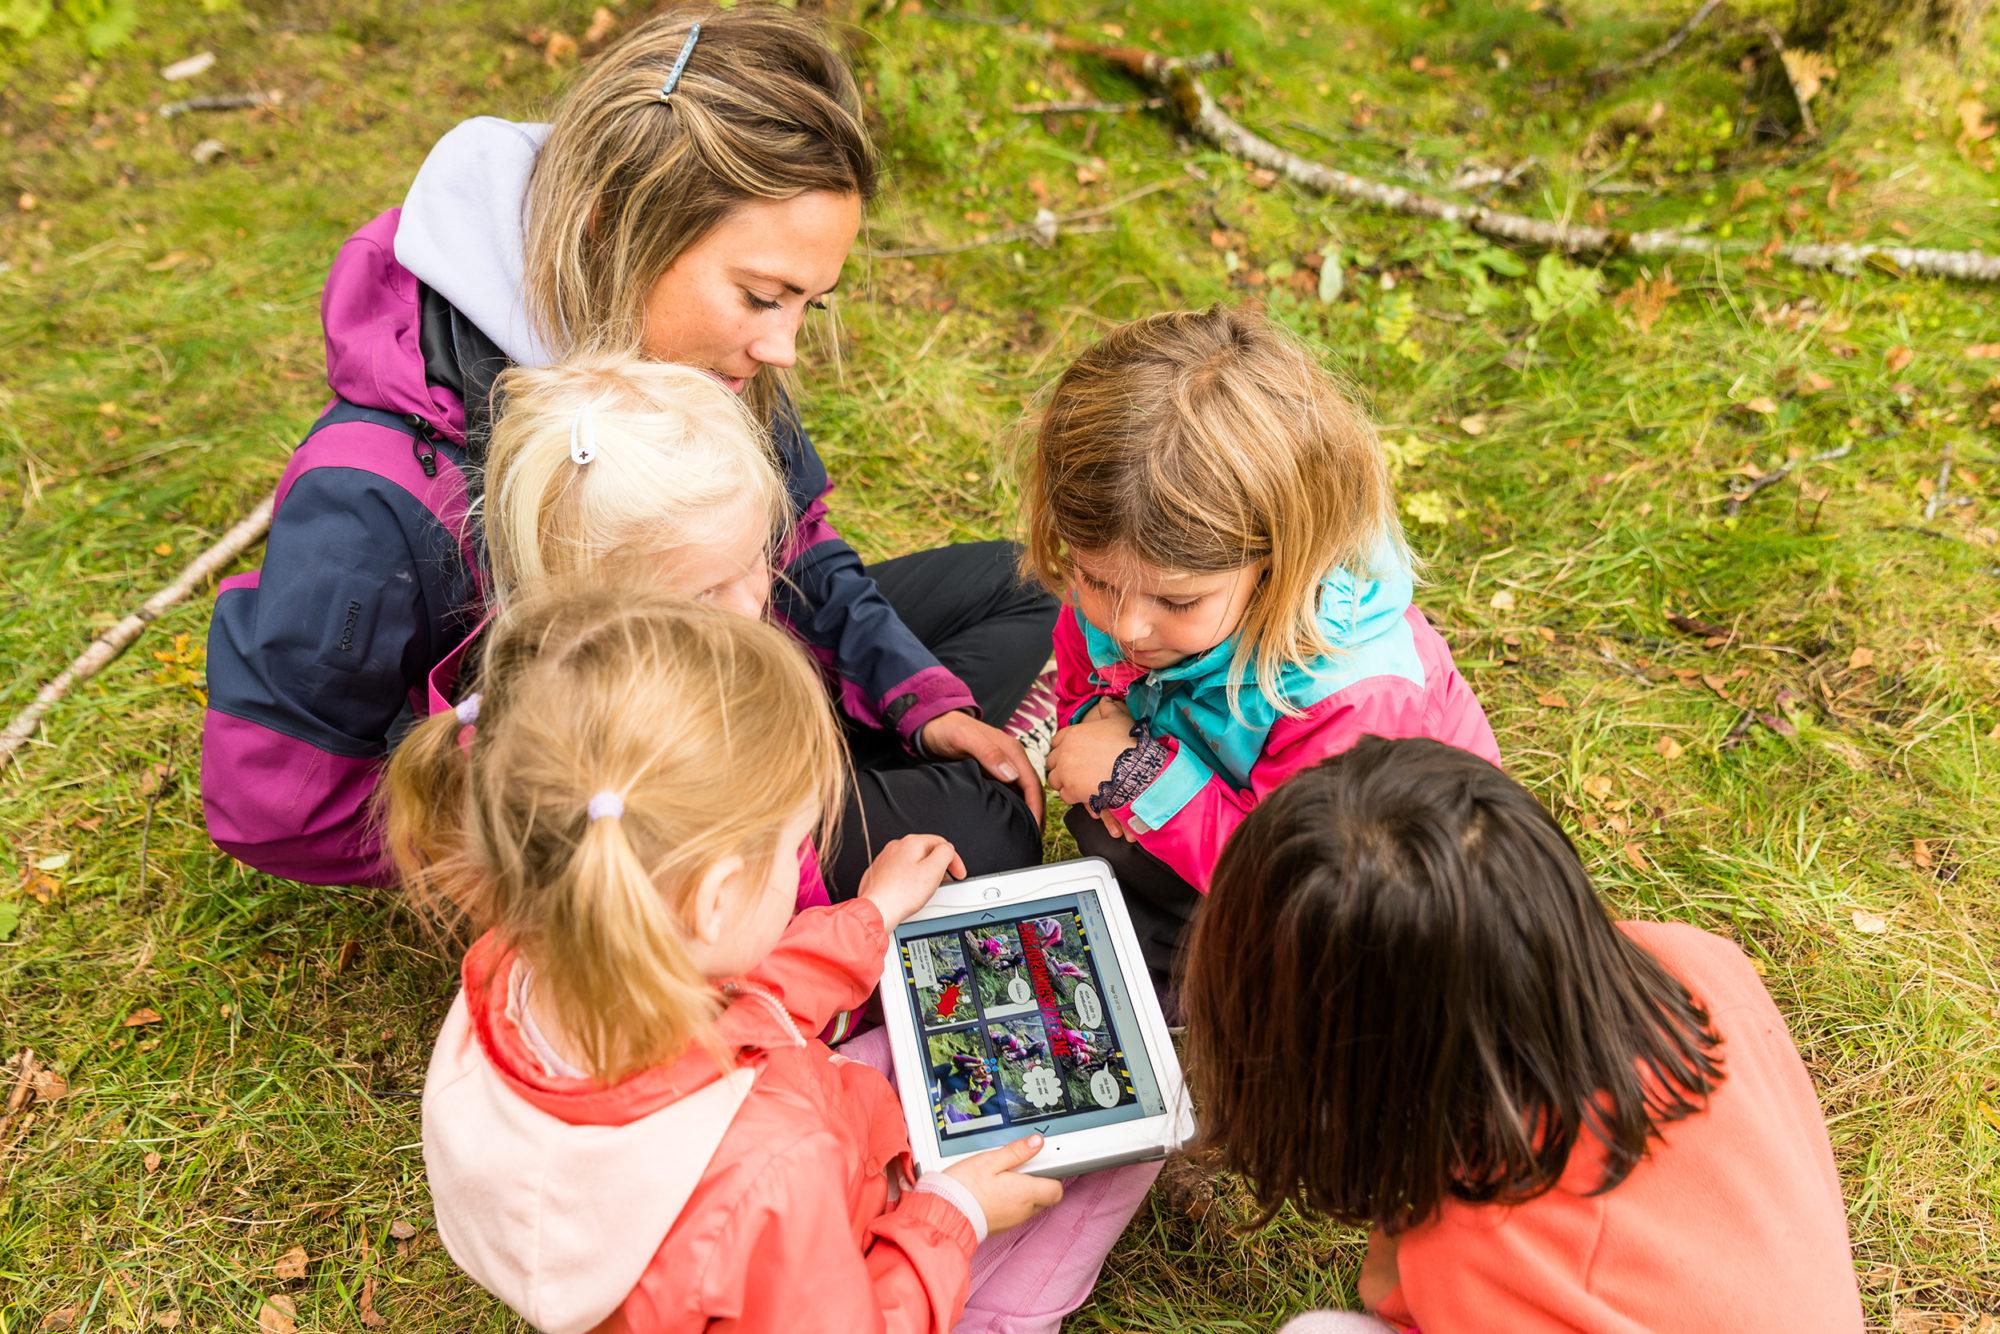 Barnehagebarn lager digital bok mens de er ute i naturen